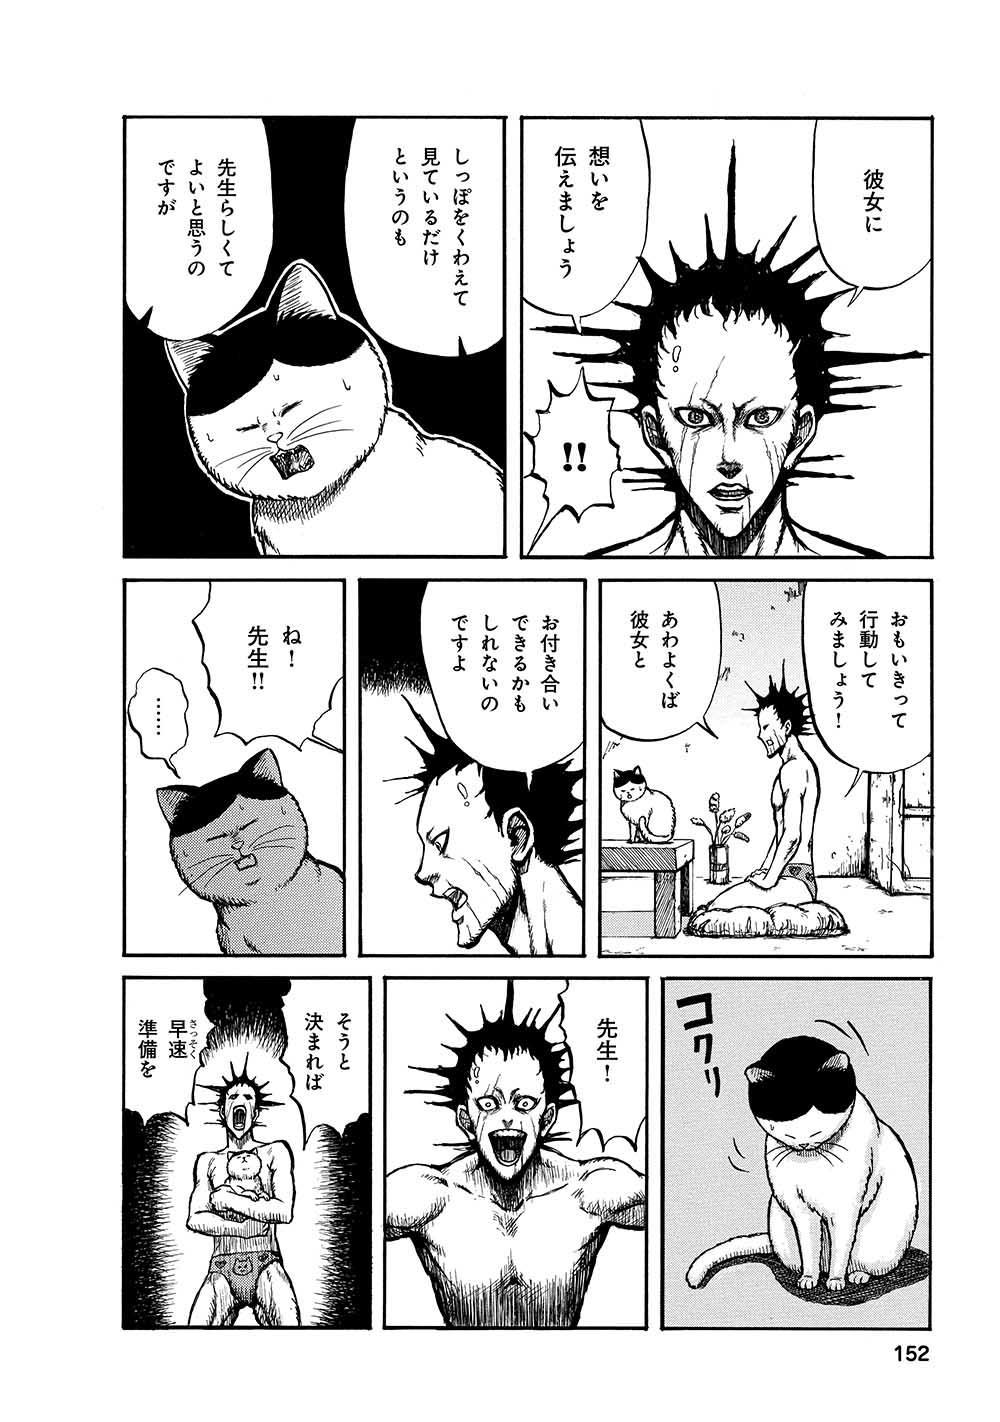 未知庵1_152.jpg